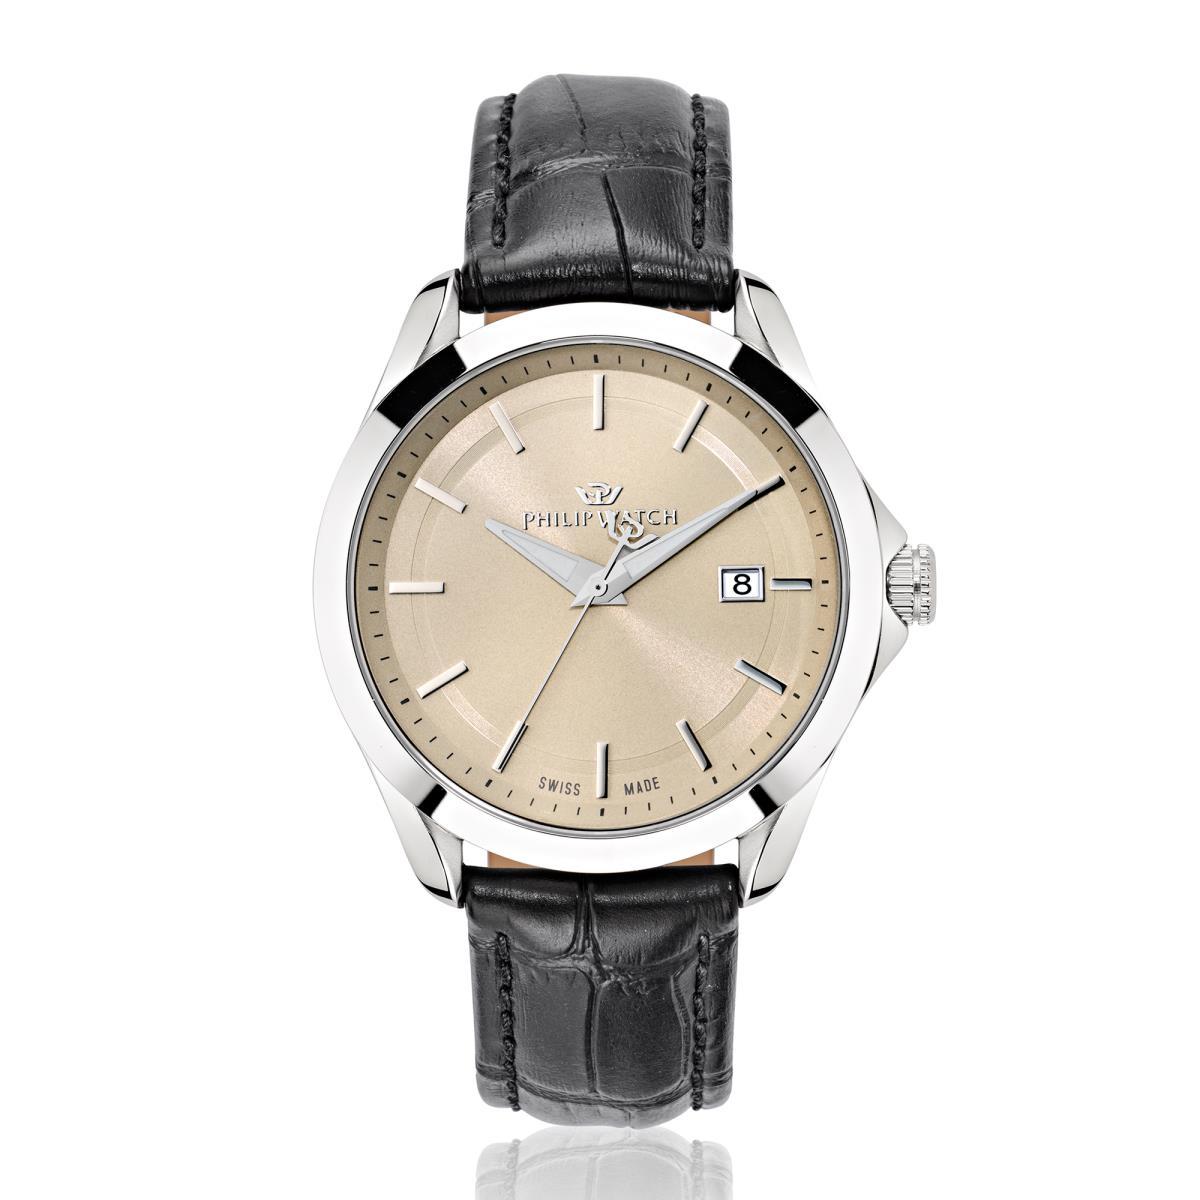 Orologio Philip Watch - Blaze Ref. R8251165003 - PHILIP WATCH